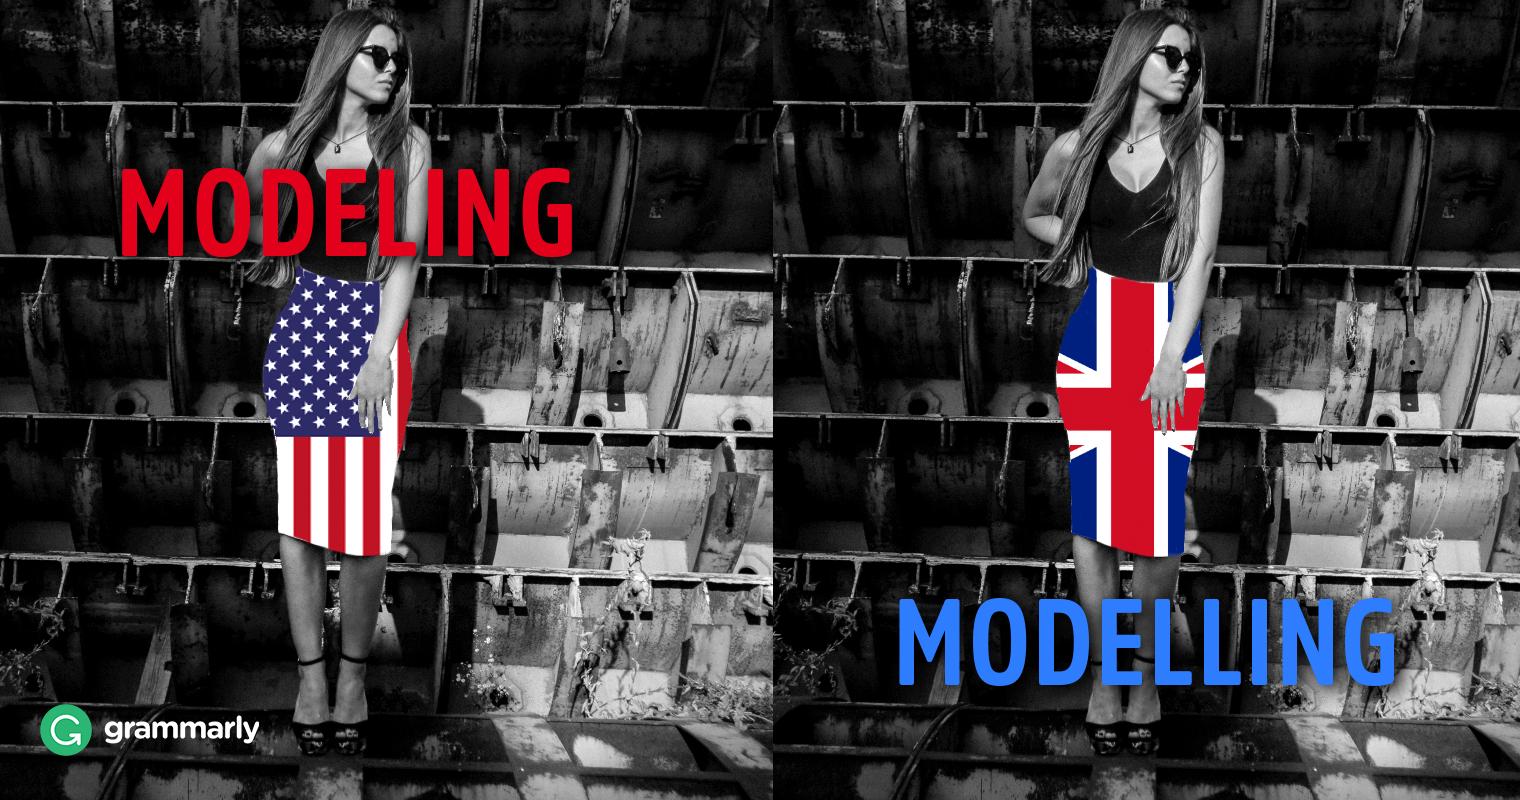 Modeling vs. Modelling